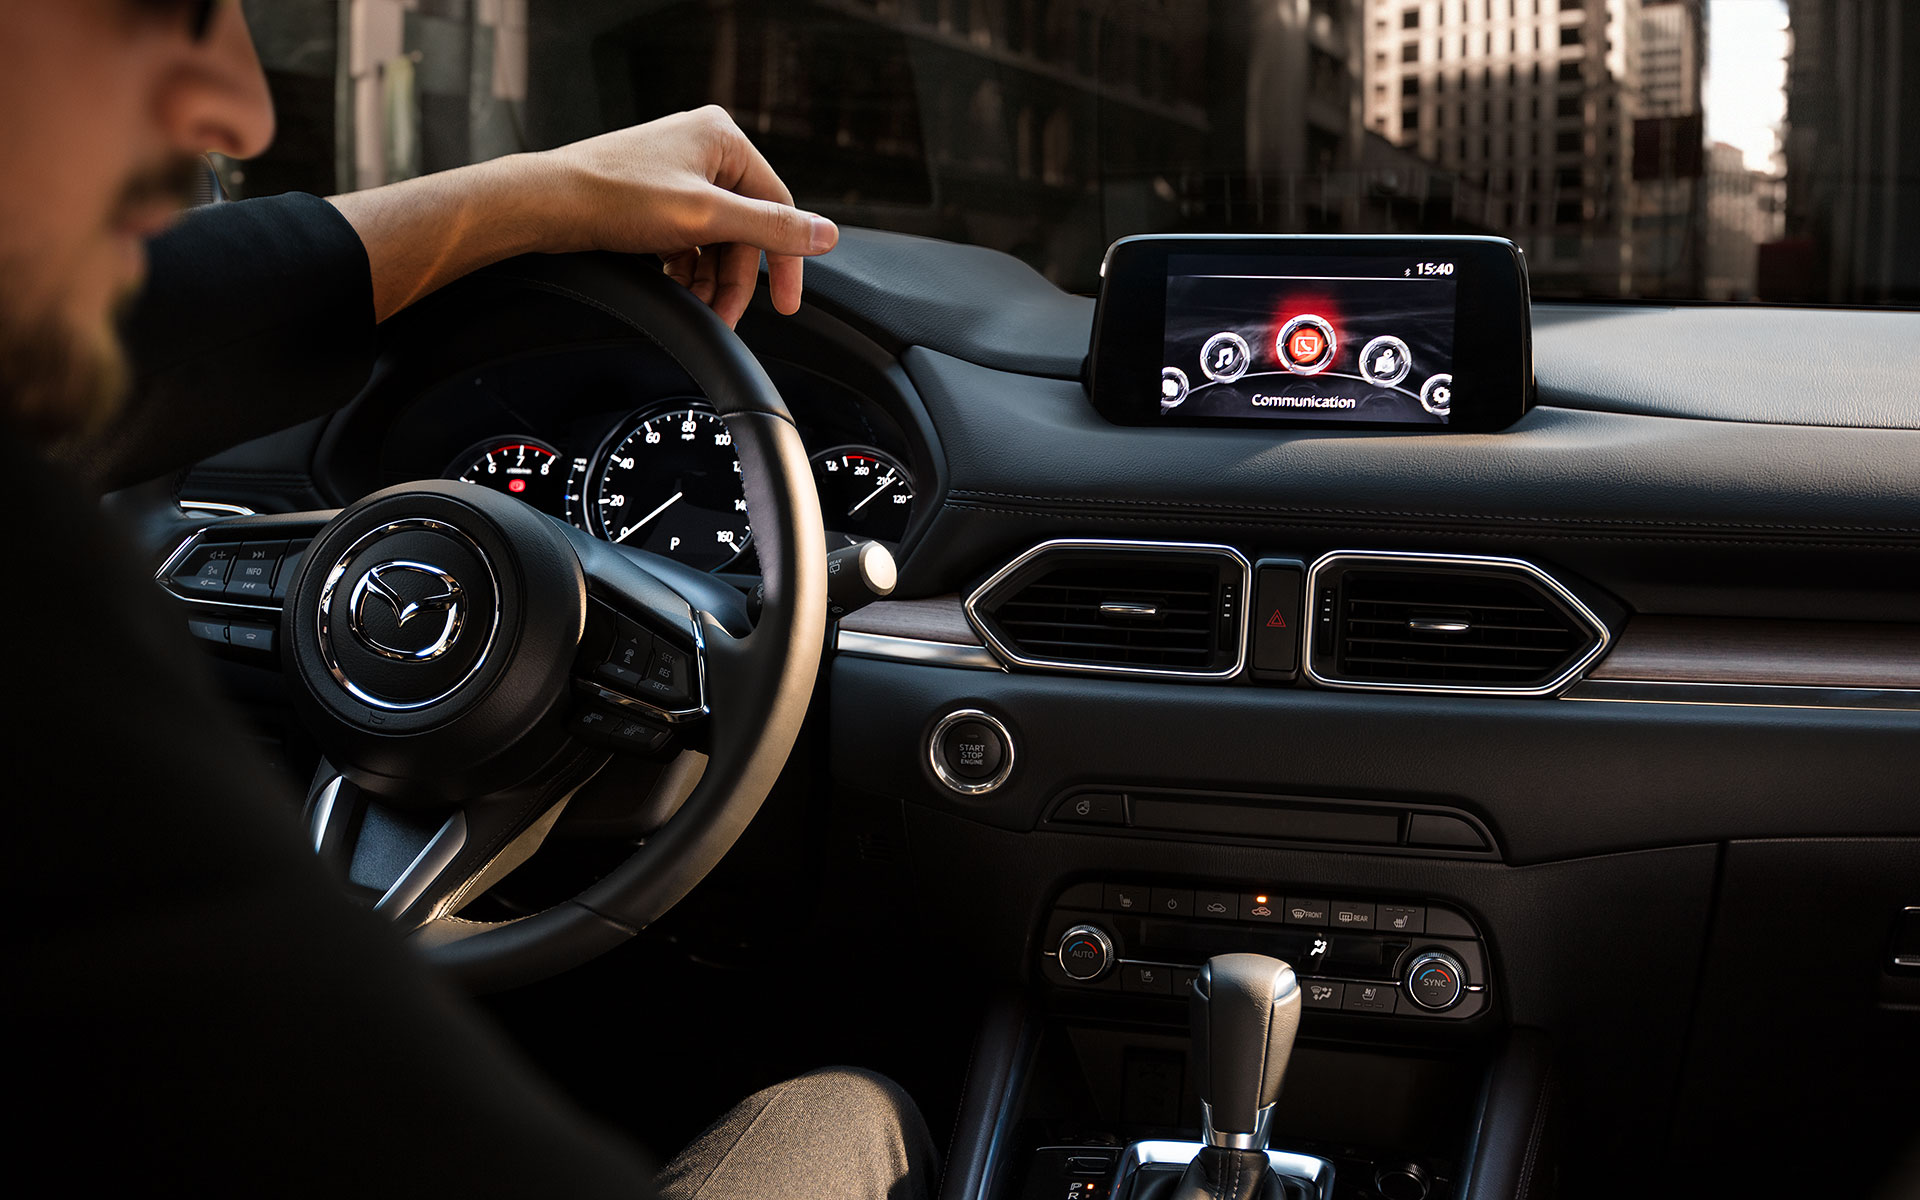 Mazda CX-5 Diesel Infotainment